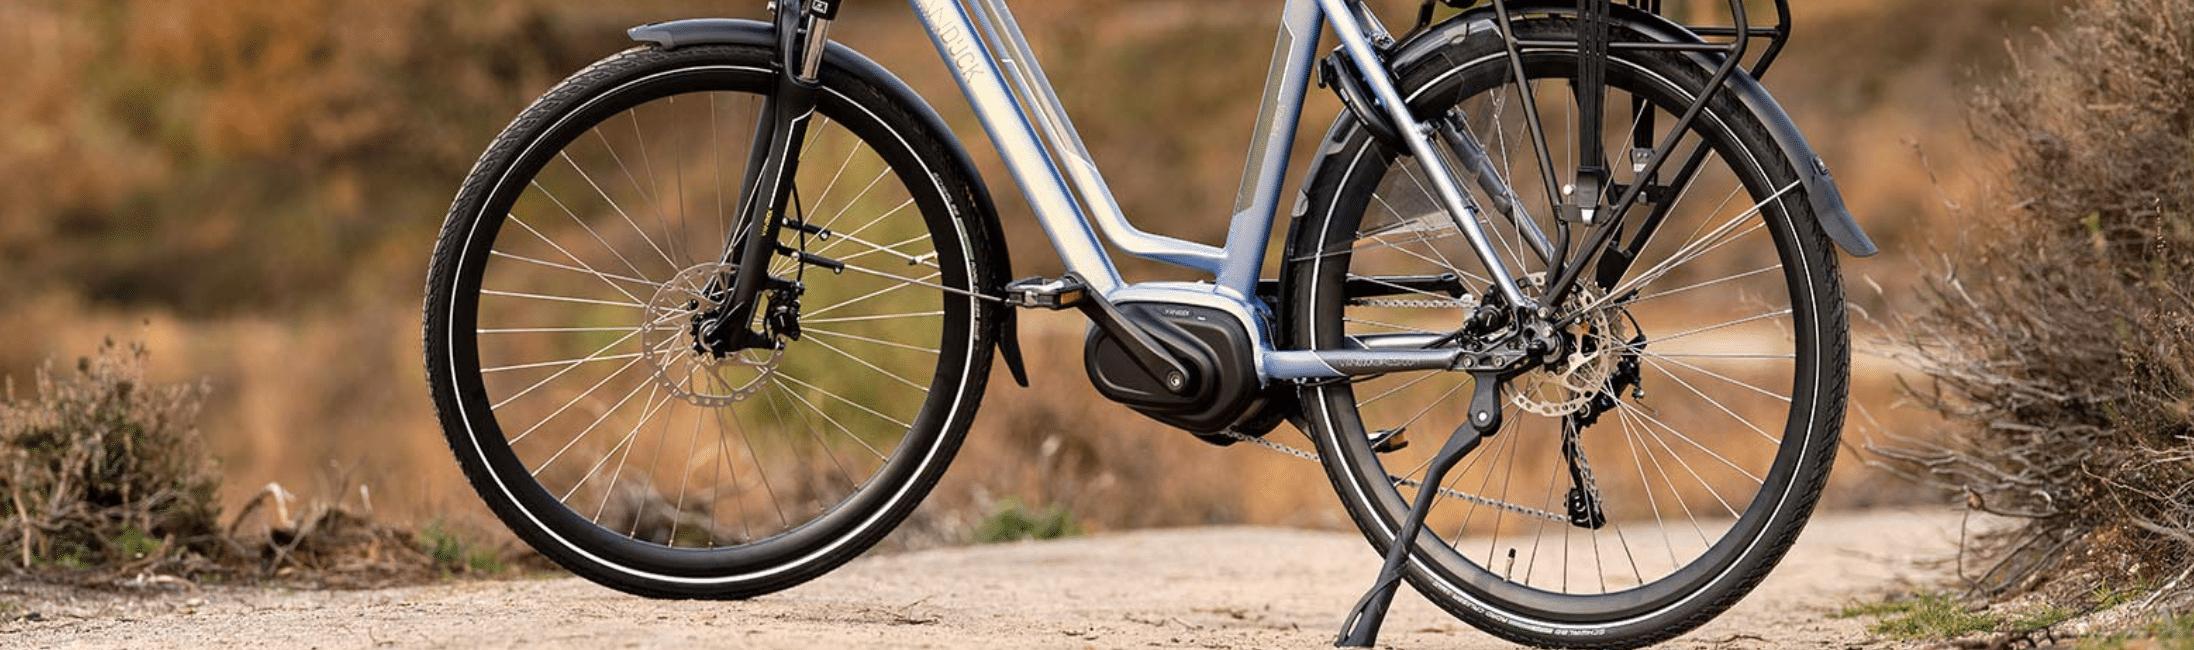 Banden oppompen - elektrische fiets onderhoud